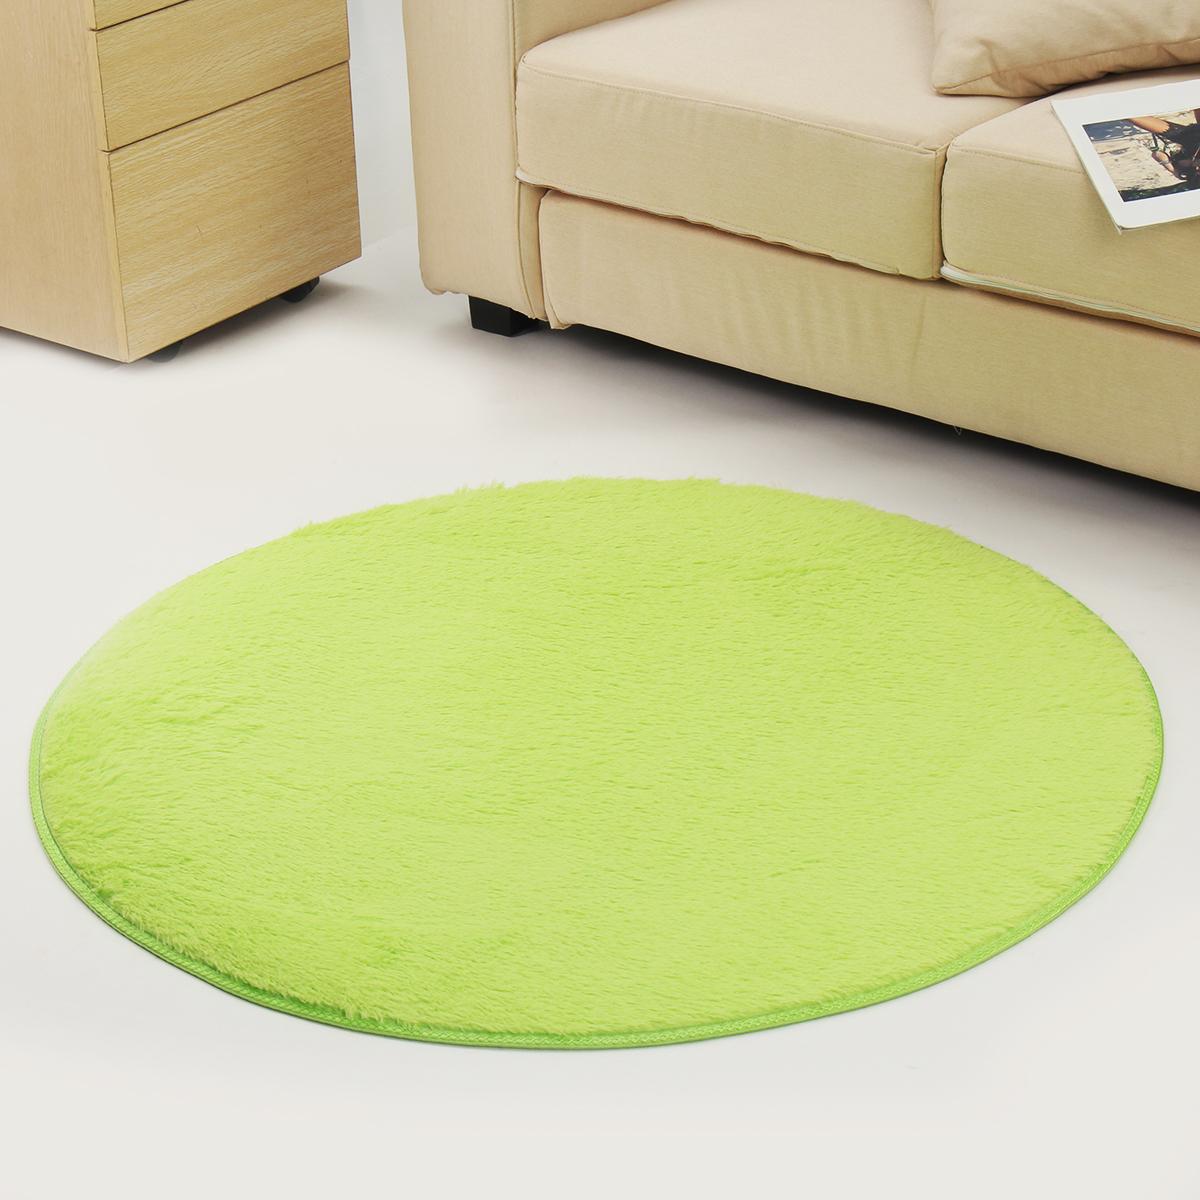 Kitchen Floor Mat That Absorbs Water